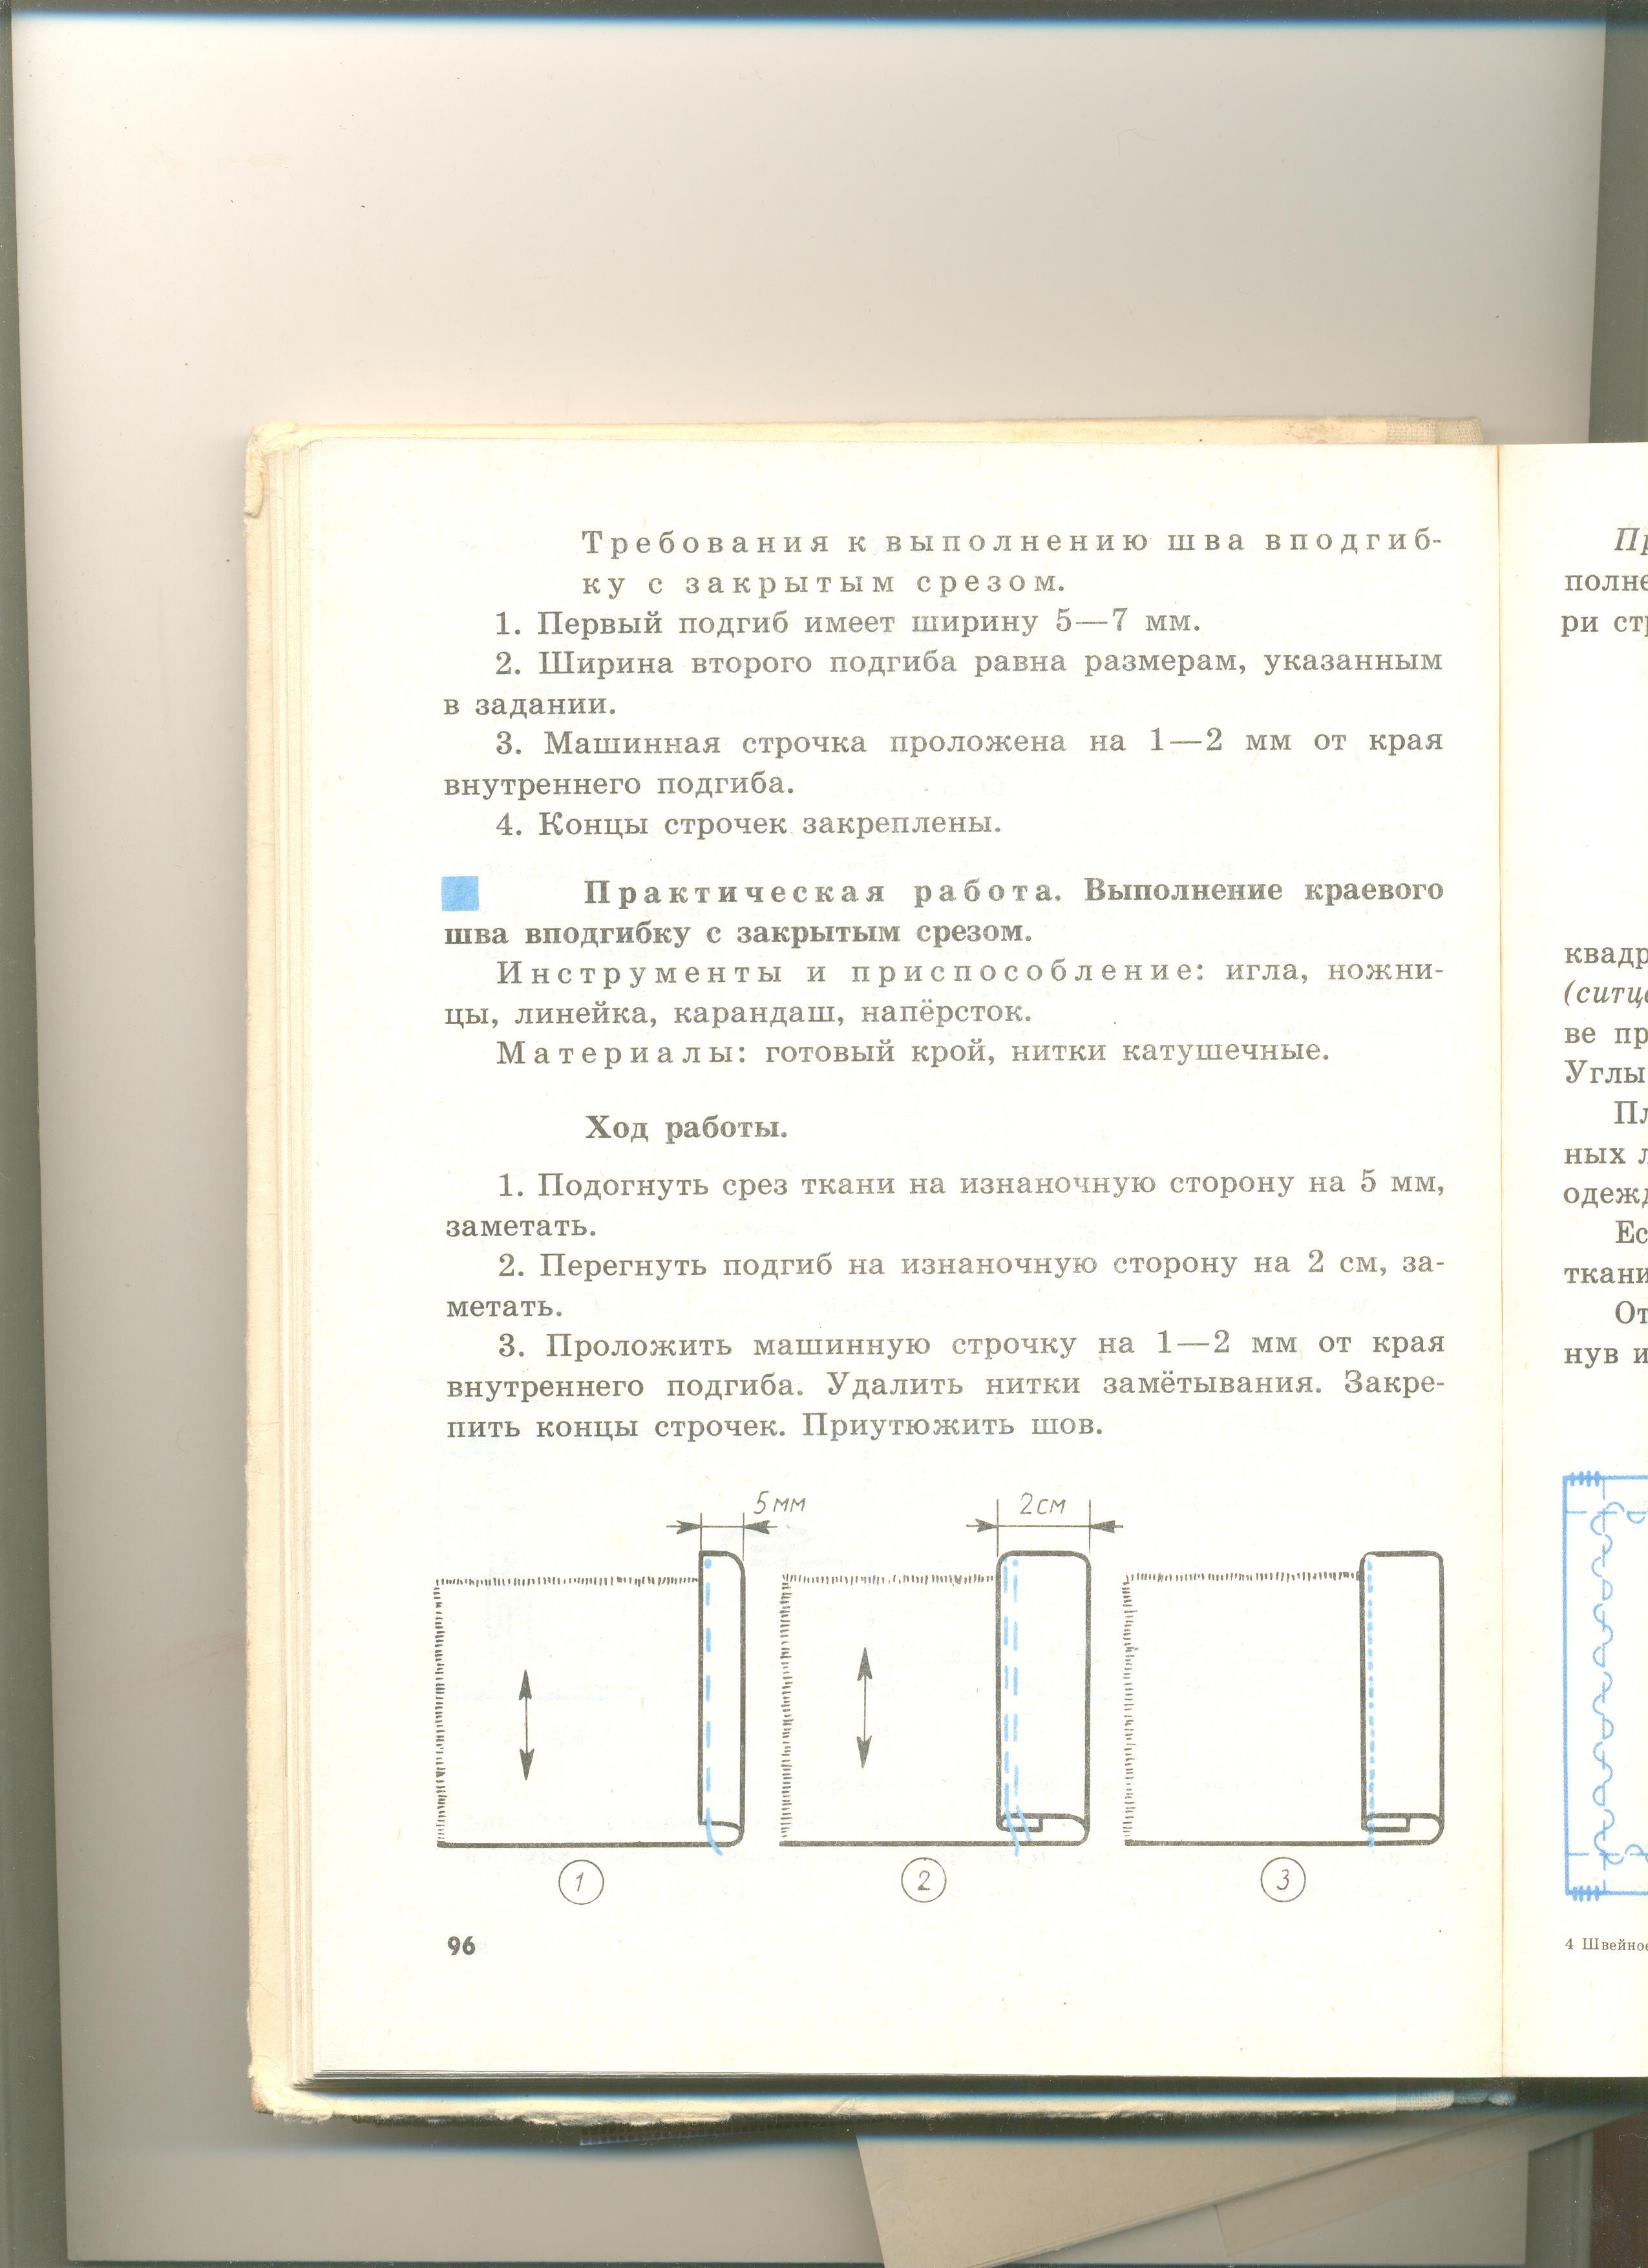 C:\Documents and Settings\User\Мои документы\Мои рисунки\фото СПТУ-87\фото СПТУ-87 018.jpg